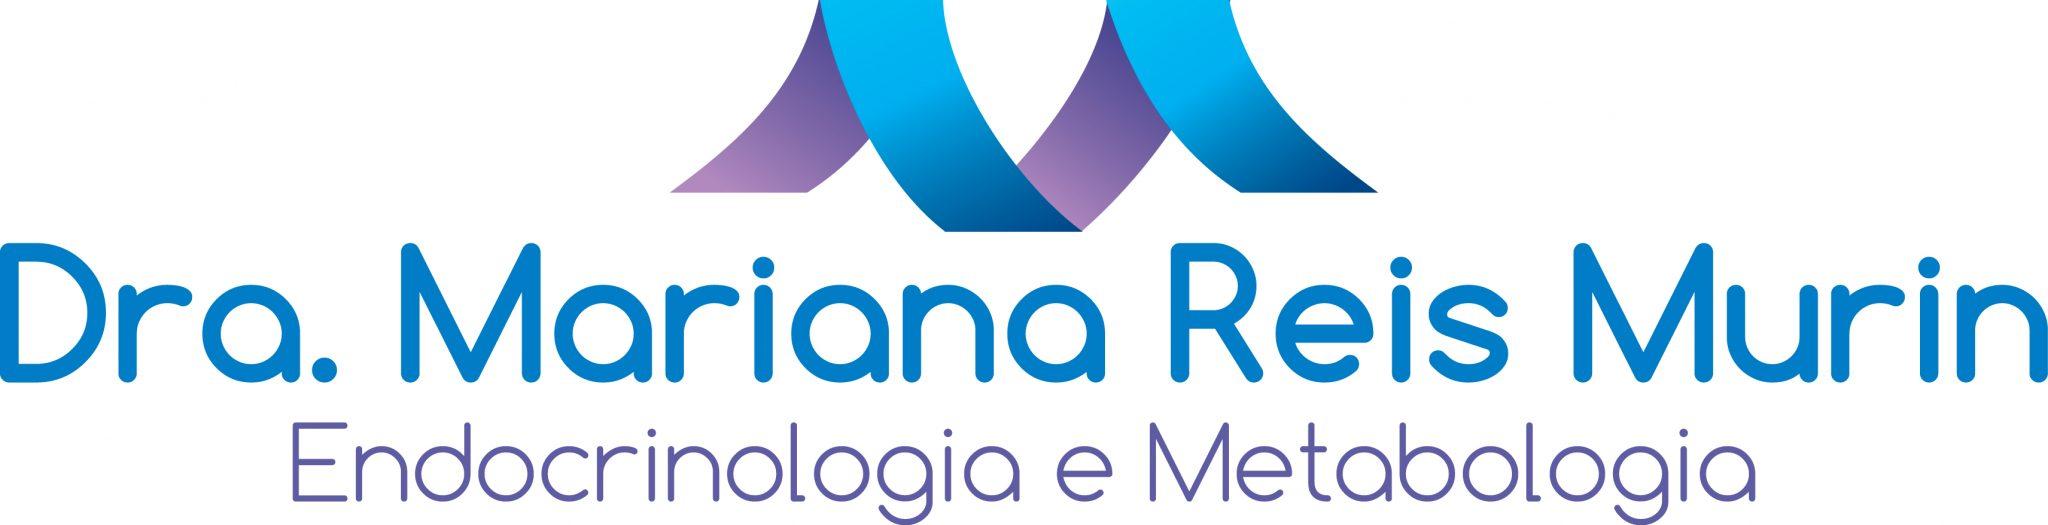 Endocrinologia e Metabologia em São Paulo | Dra. Mariana Reis Murin